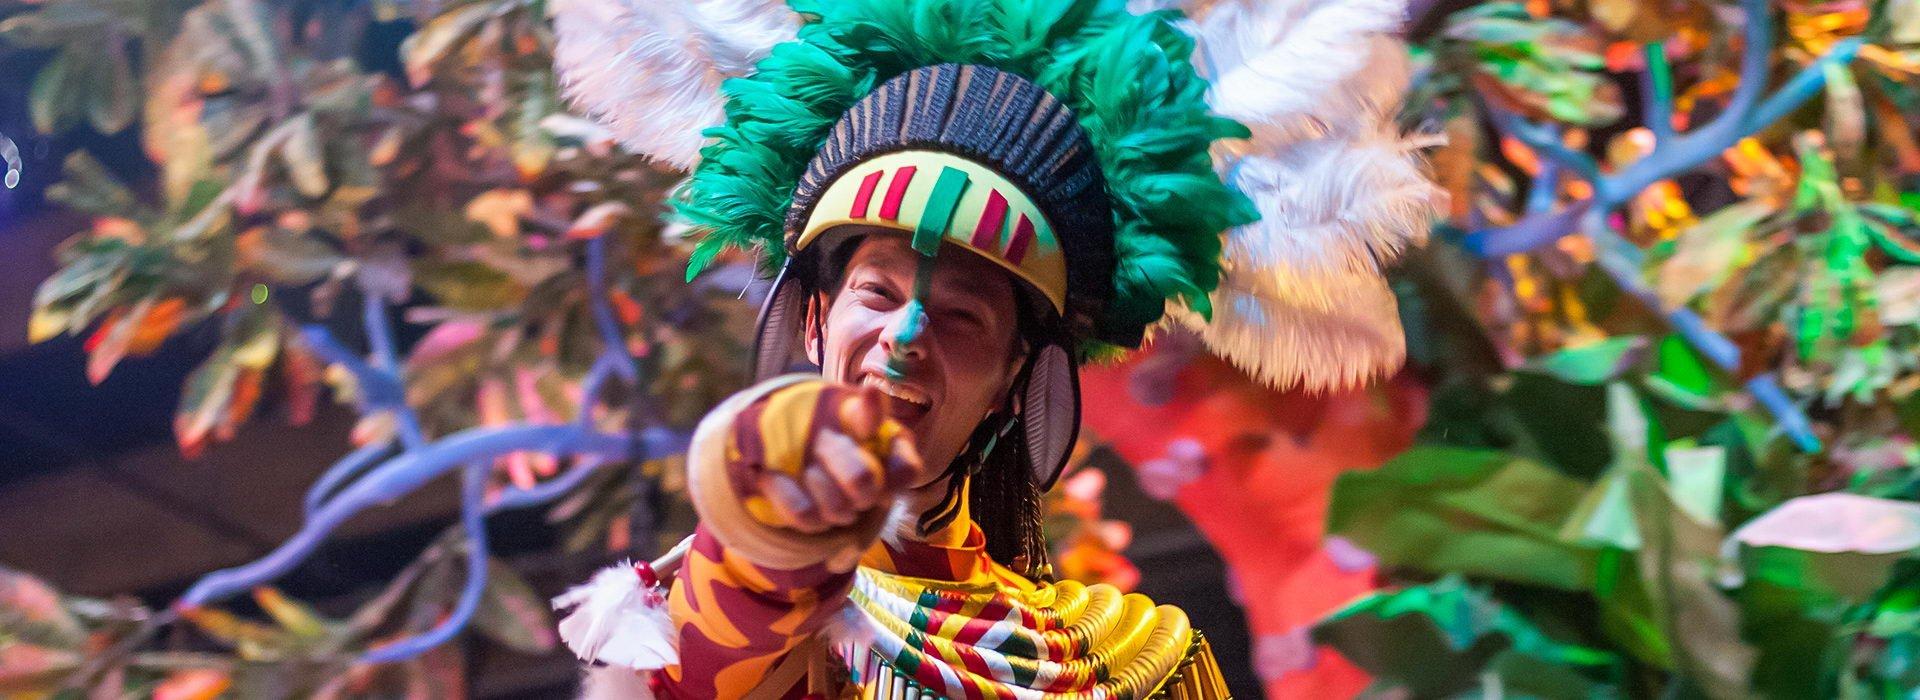 Восемнадцатилетняя валя карнавал – инстаграм и тикток блогер, певица